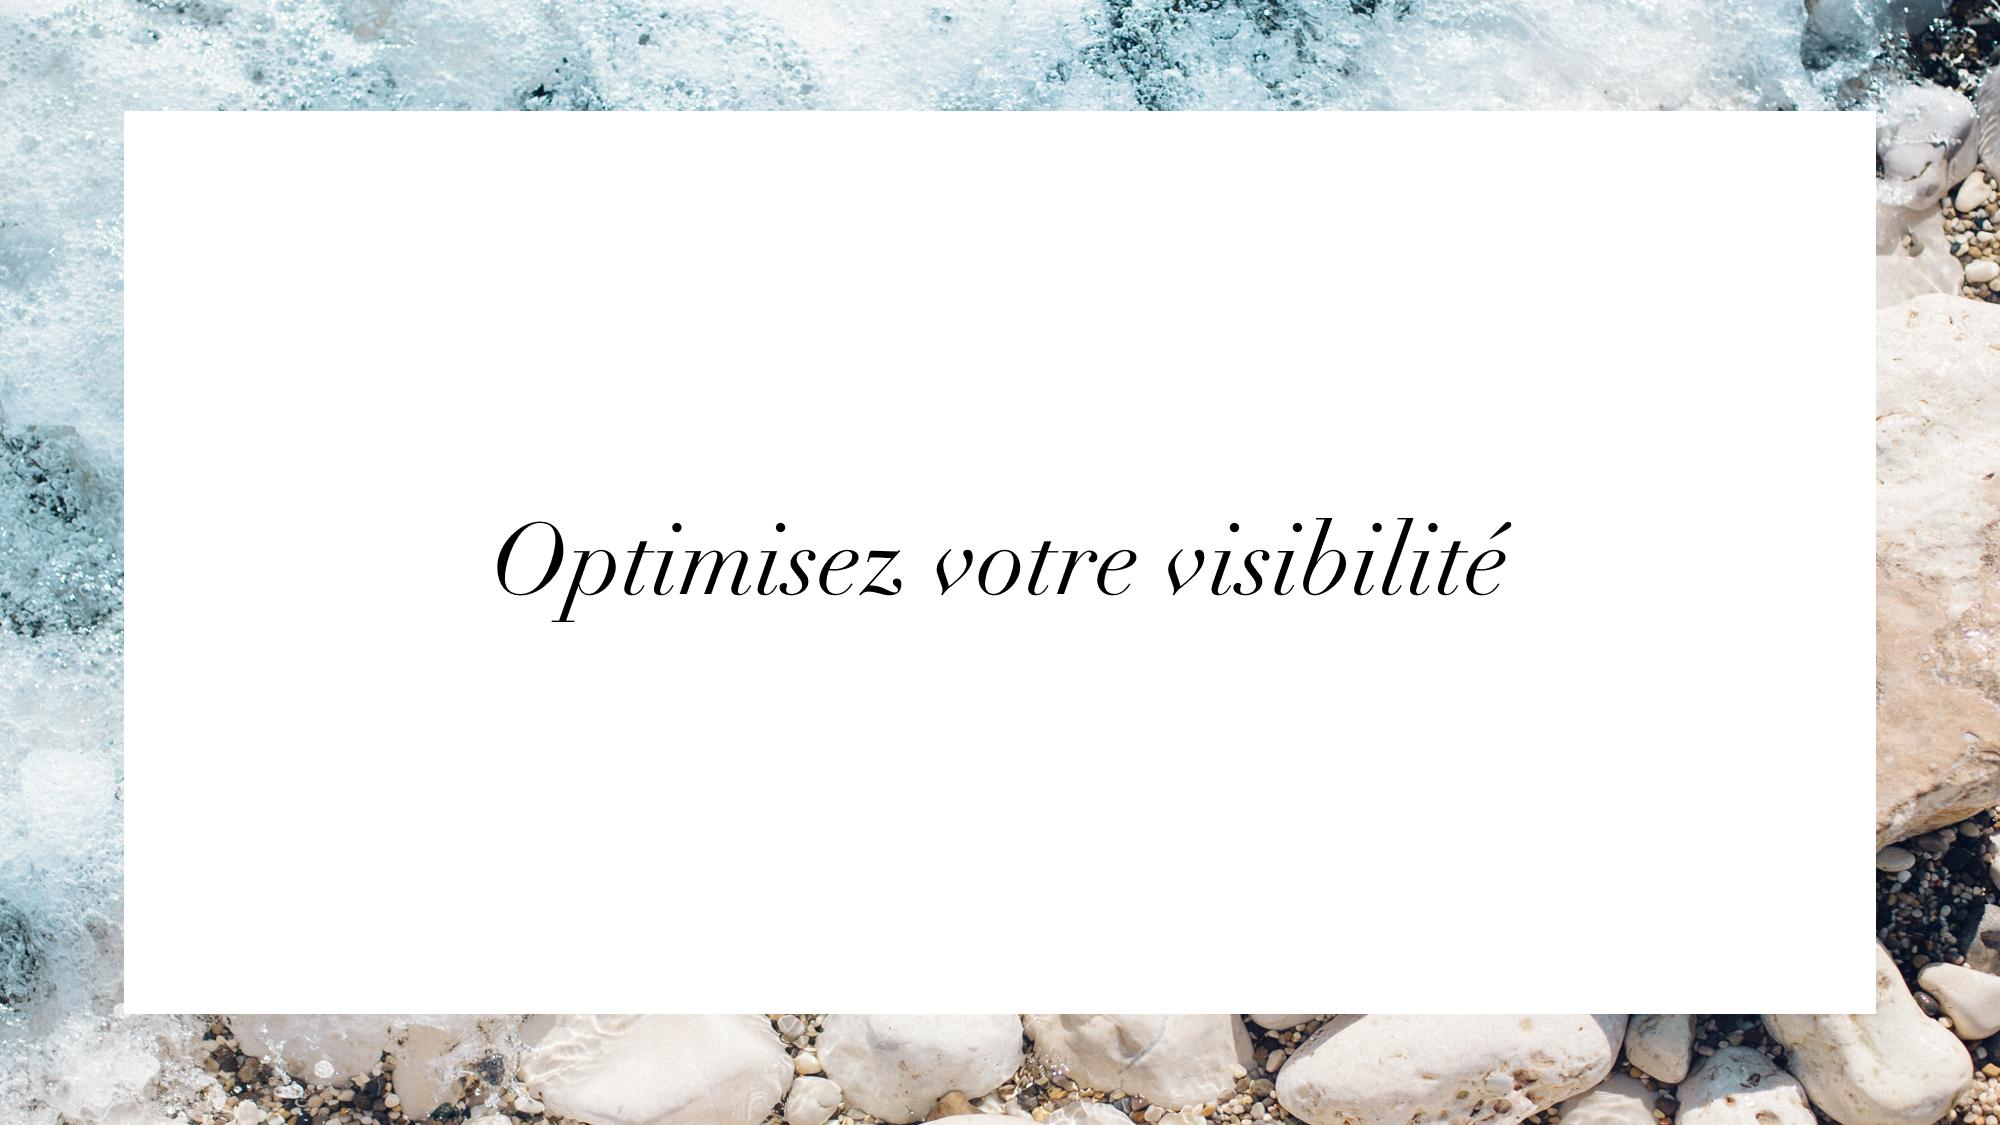 Optimisez votre visibilité